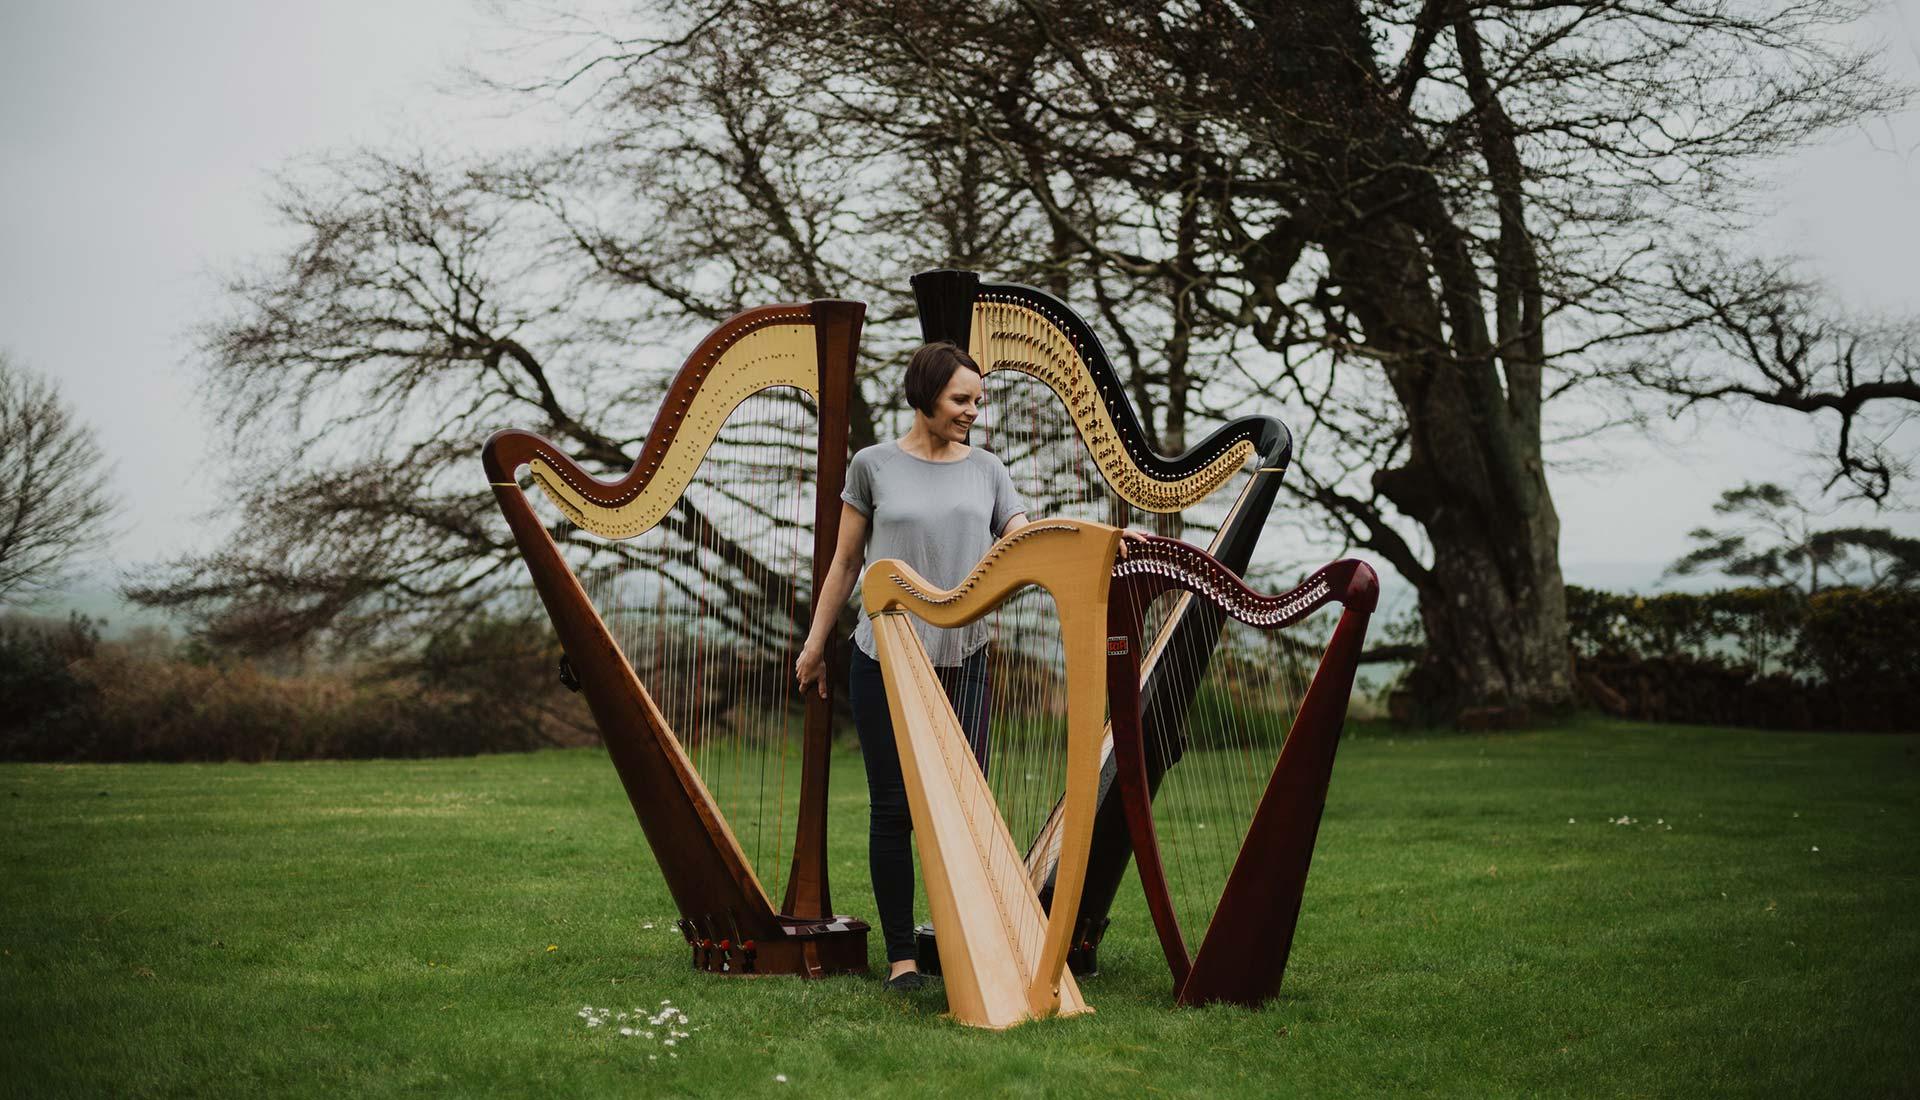 harpist ireland cork carys ann evans